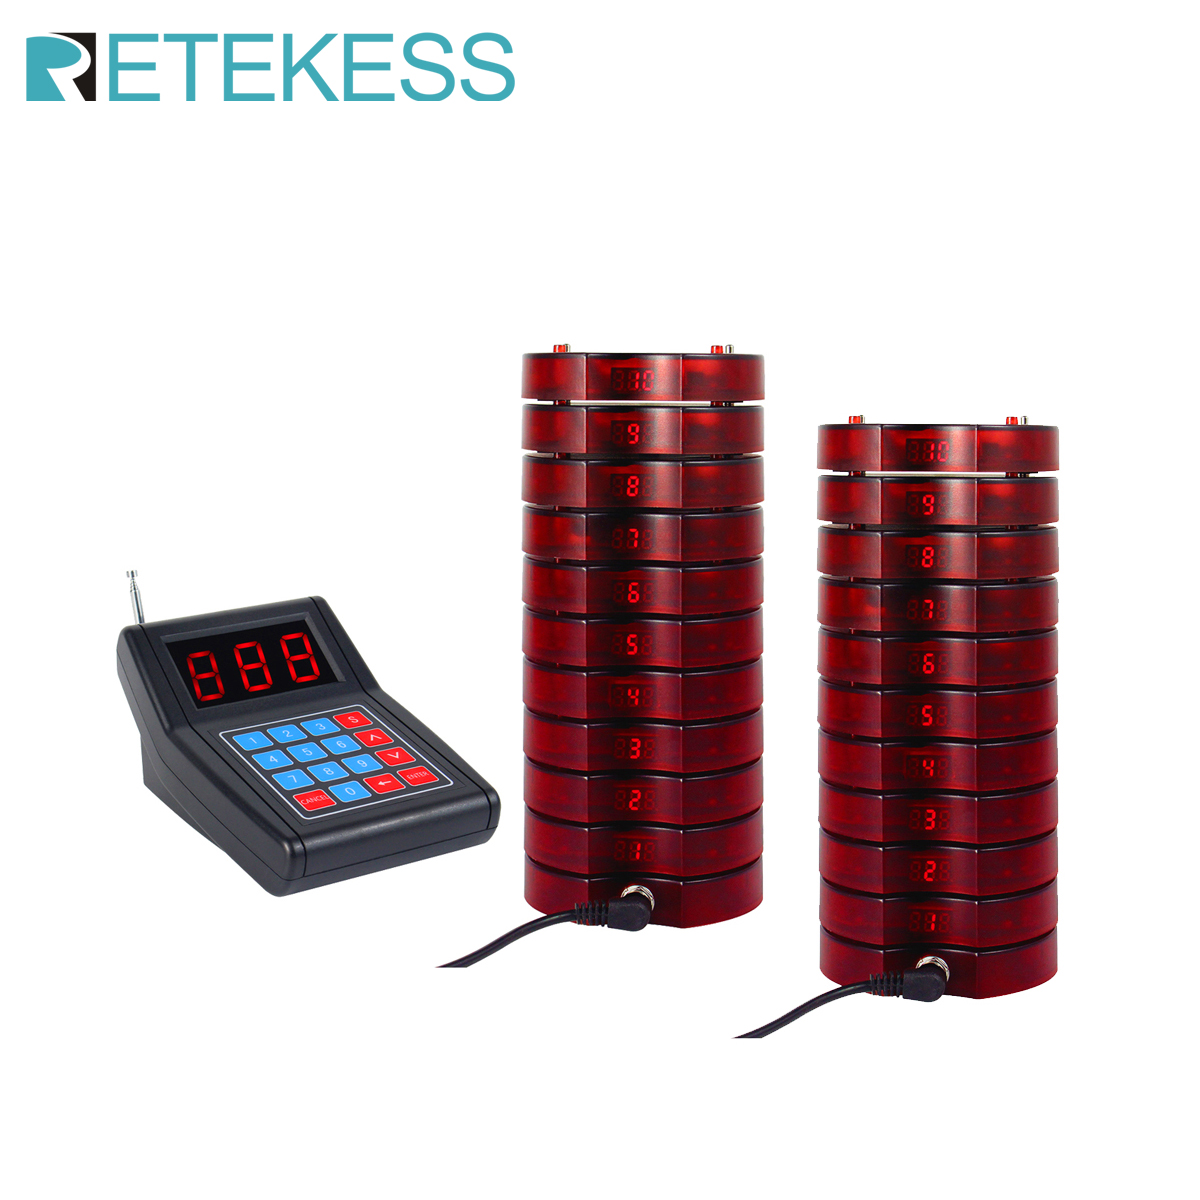 Retekess SU-668 ресторан пейджер Беспроводная система Paging с 20 пейджерами жужжеры для больниц еда грузовик Ресторан оборудования